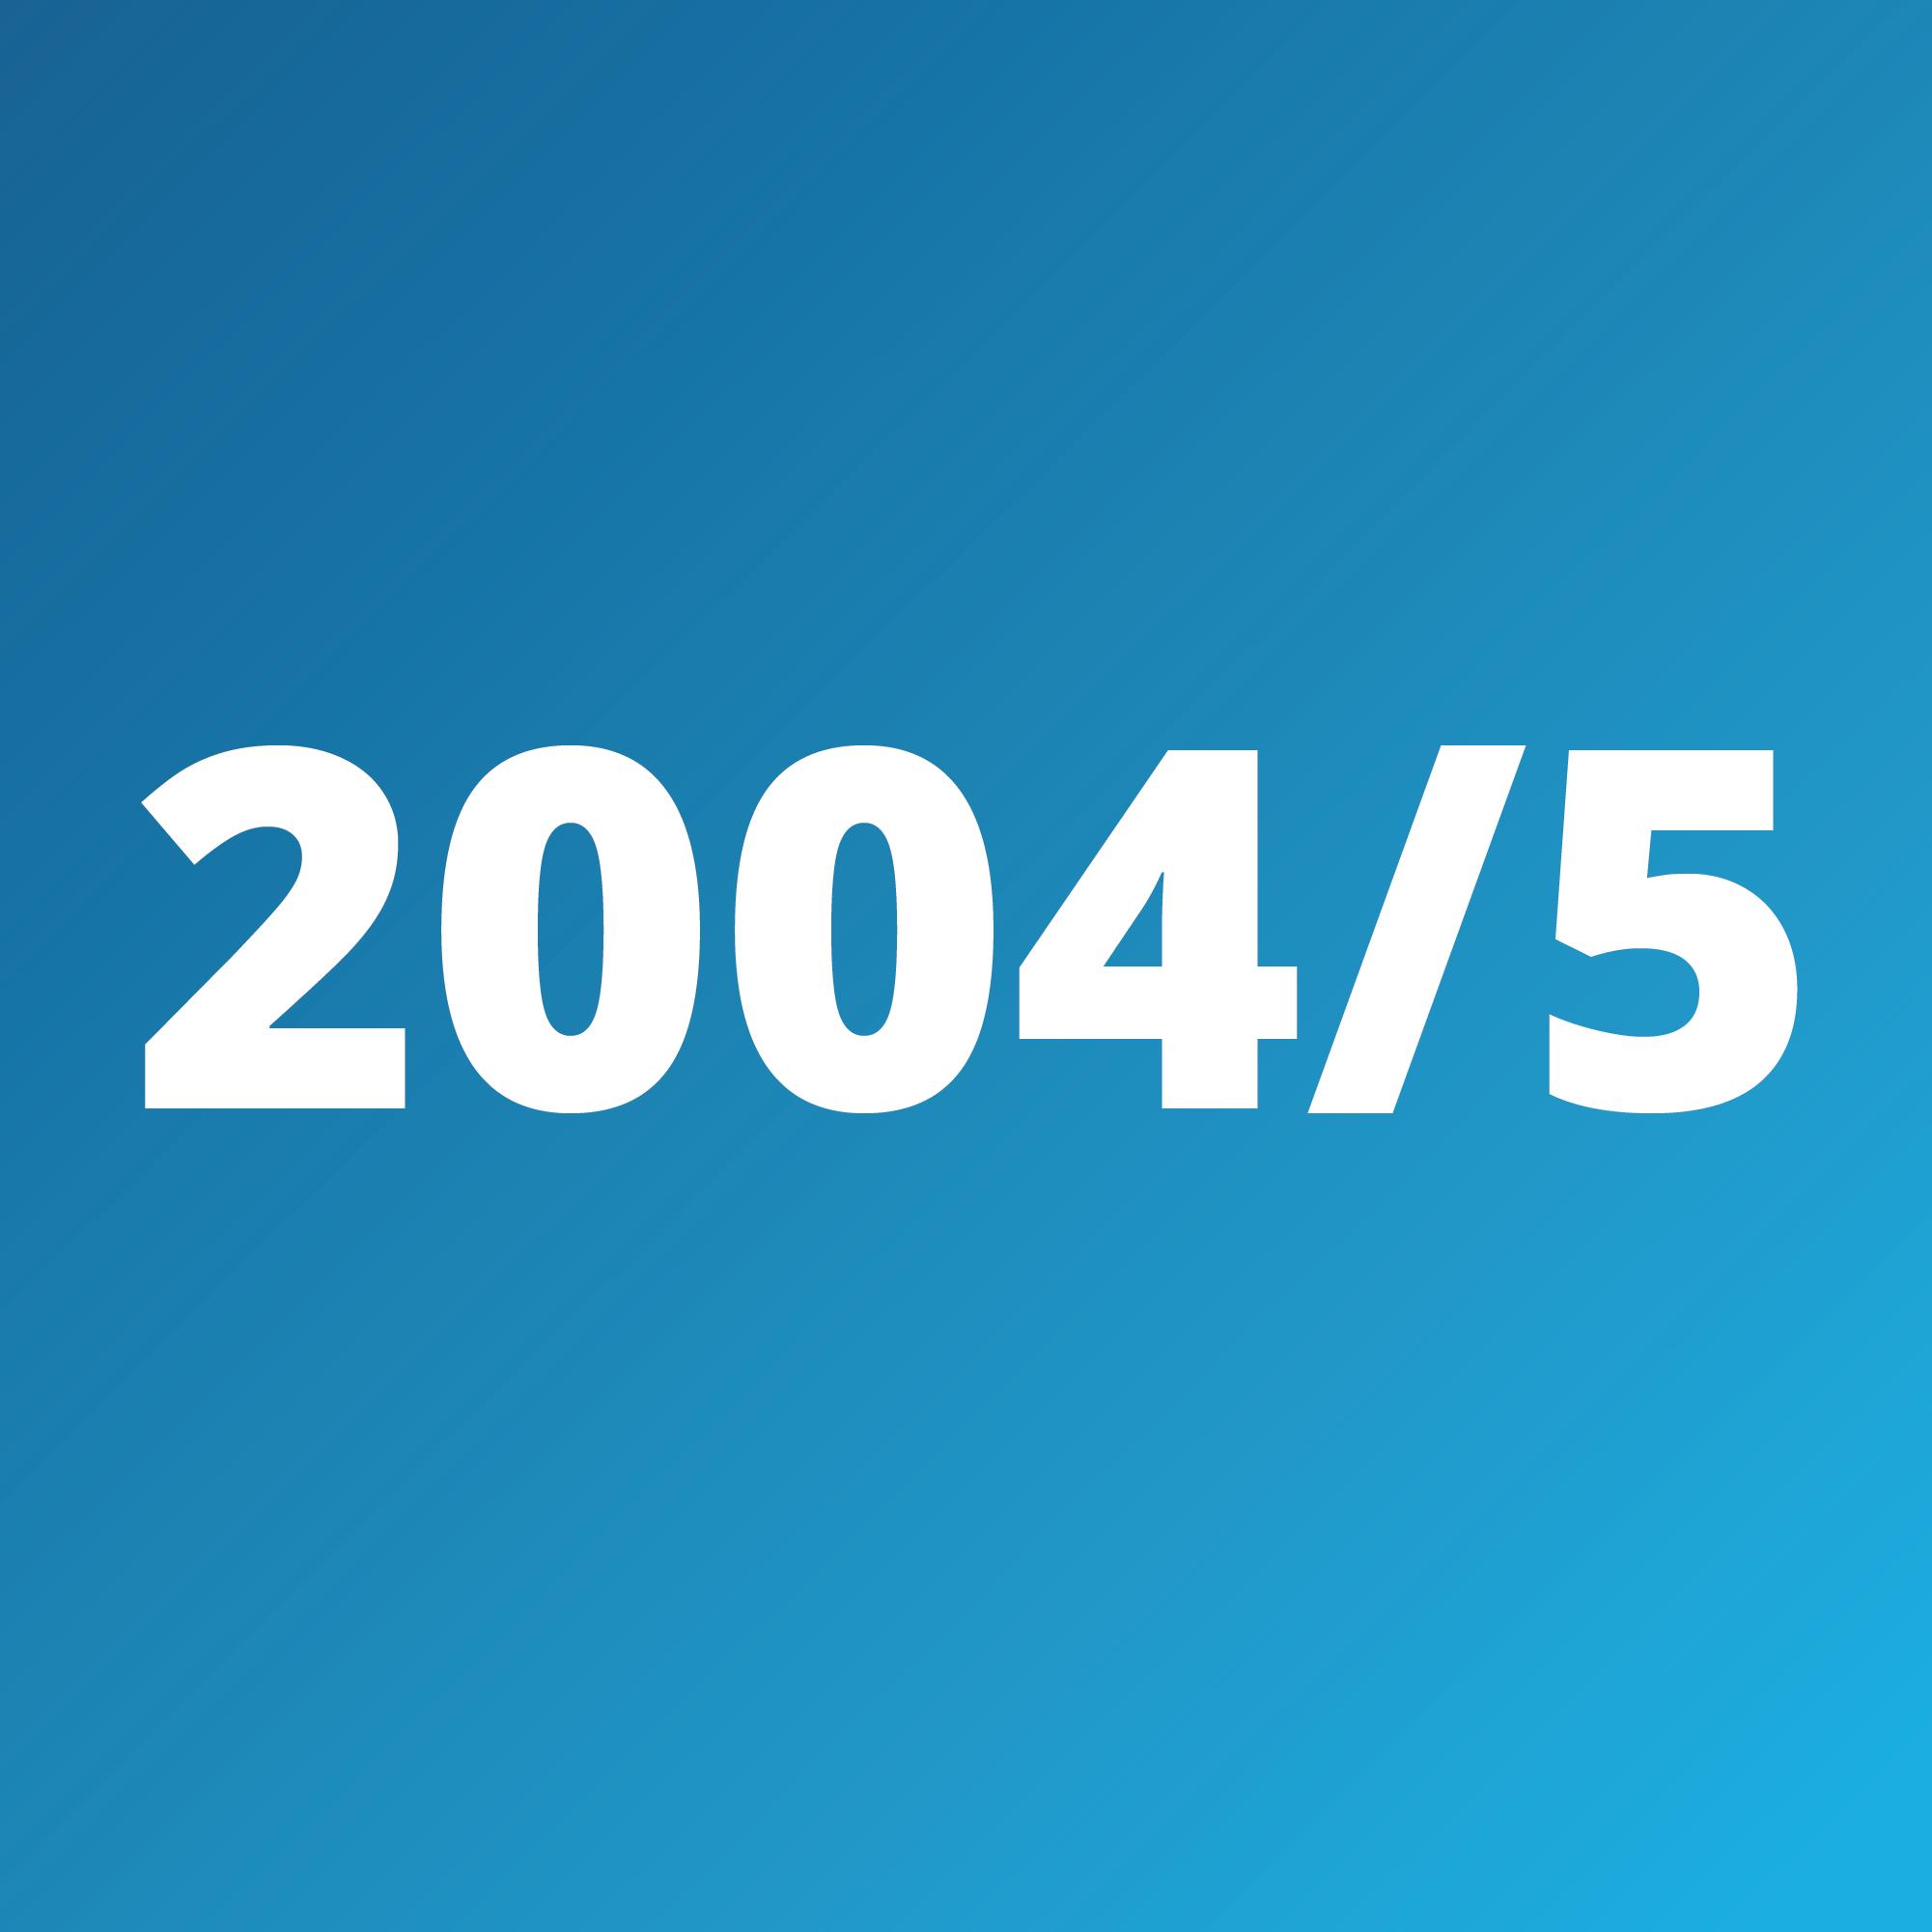 Timeline - 2004-5